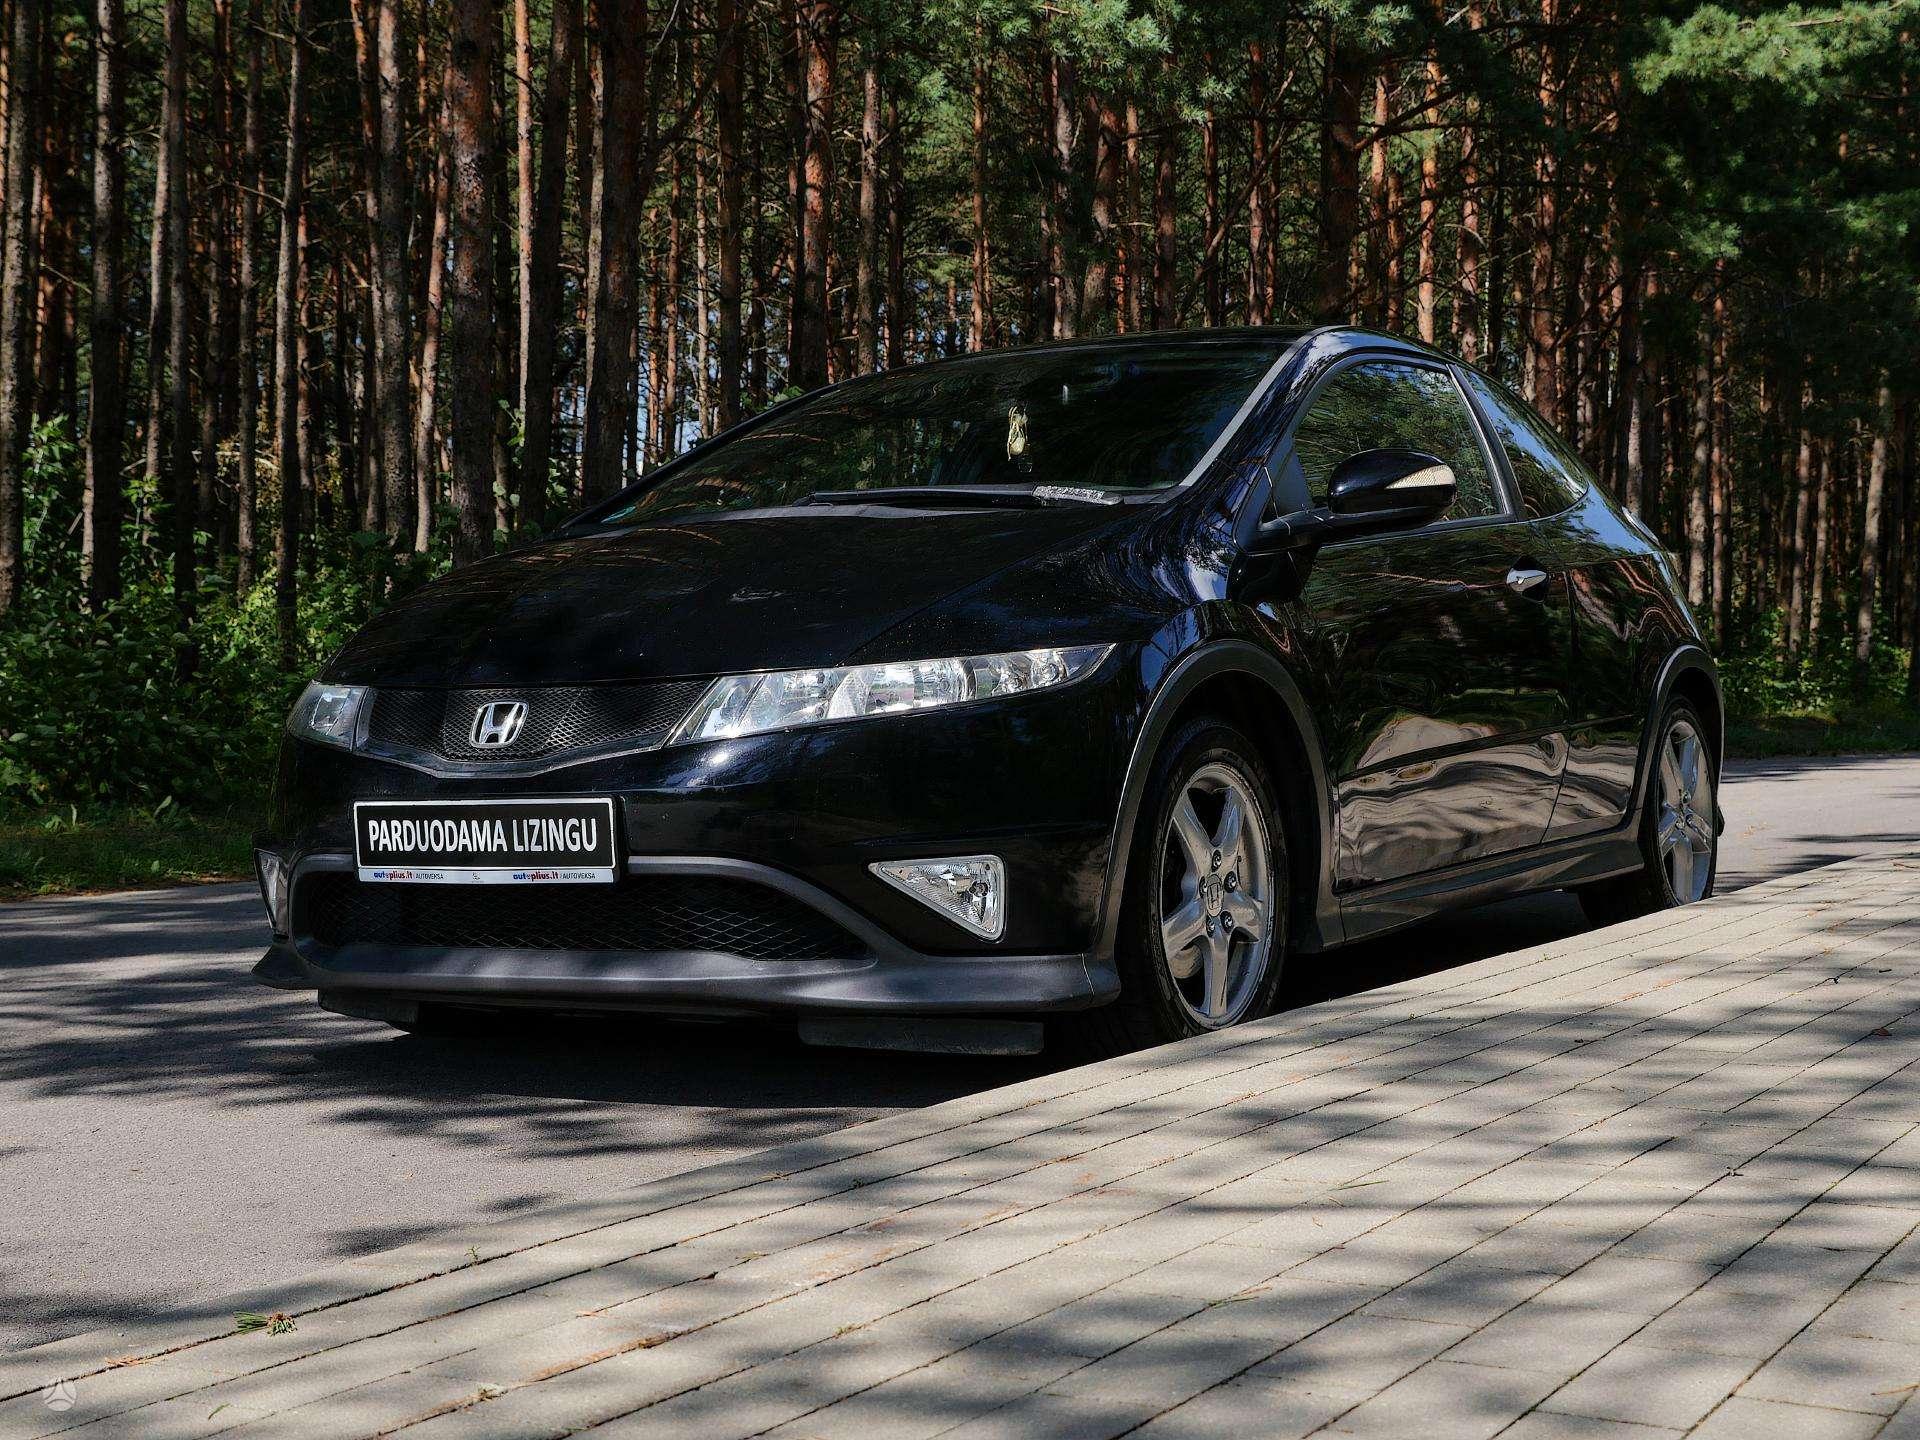 Honda Civic išsimokėtinai nuo 63Eur/Mėn su 3 mėnesių garantija